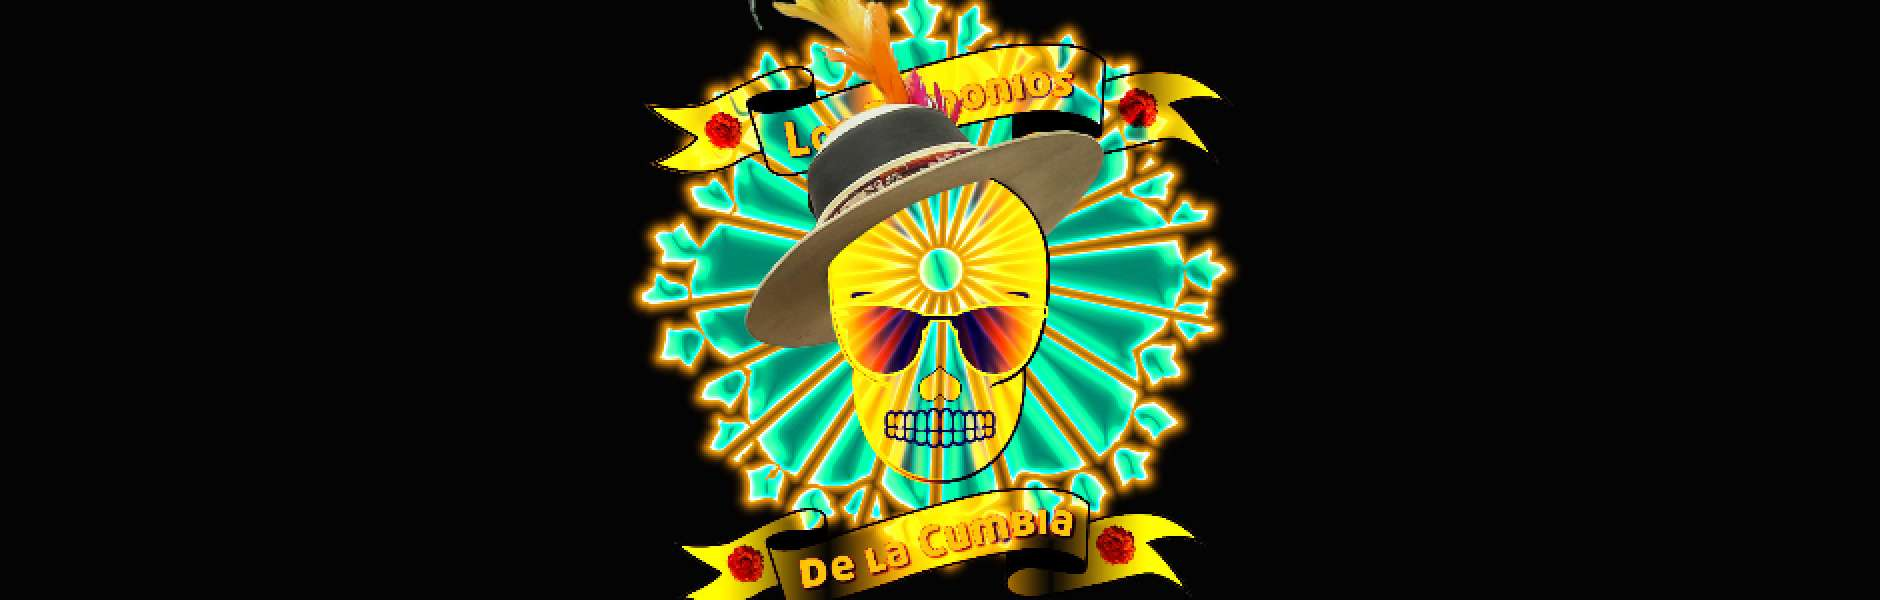 Los Demonios de la Cumbia